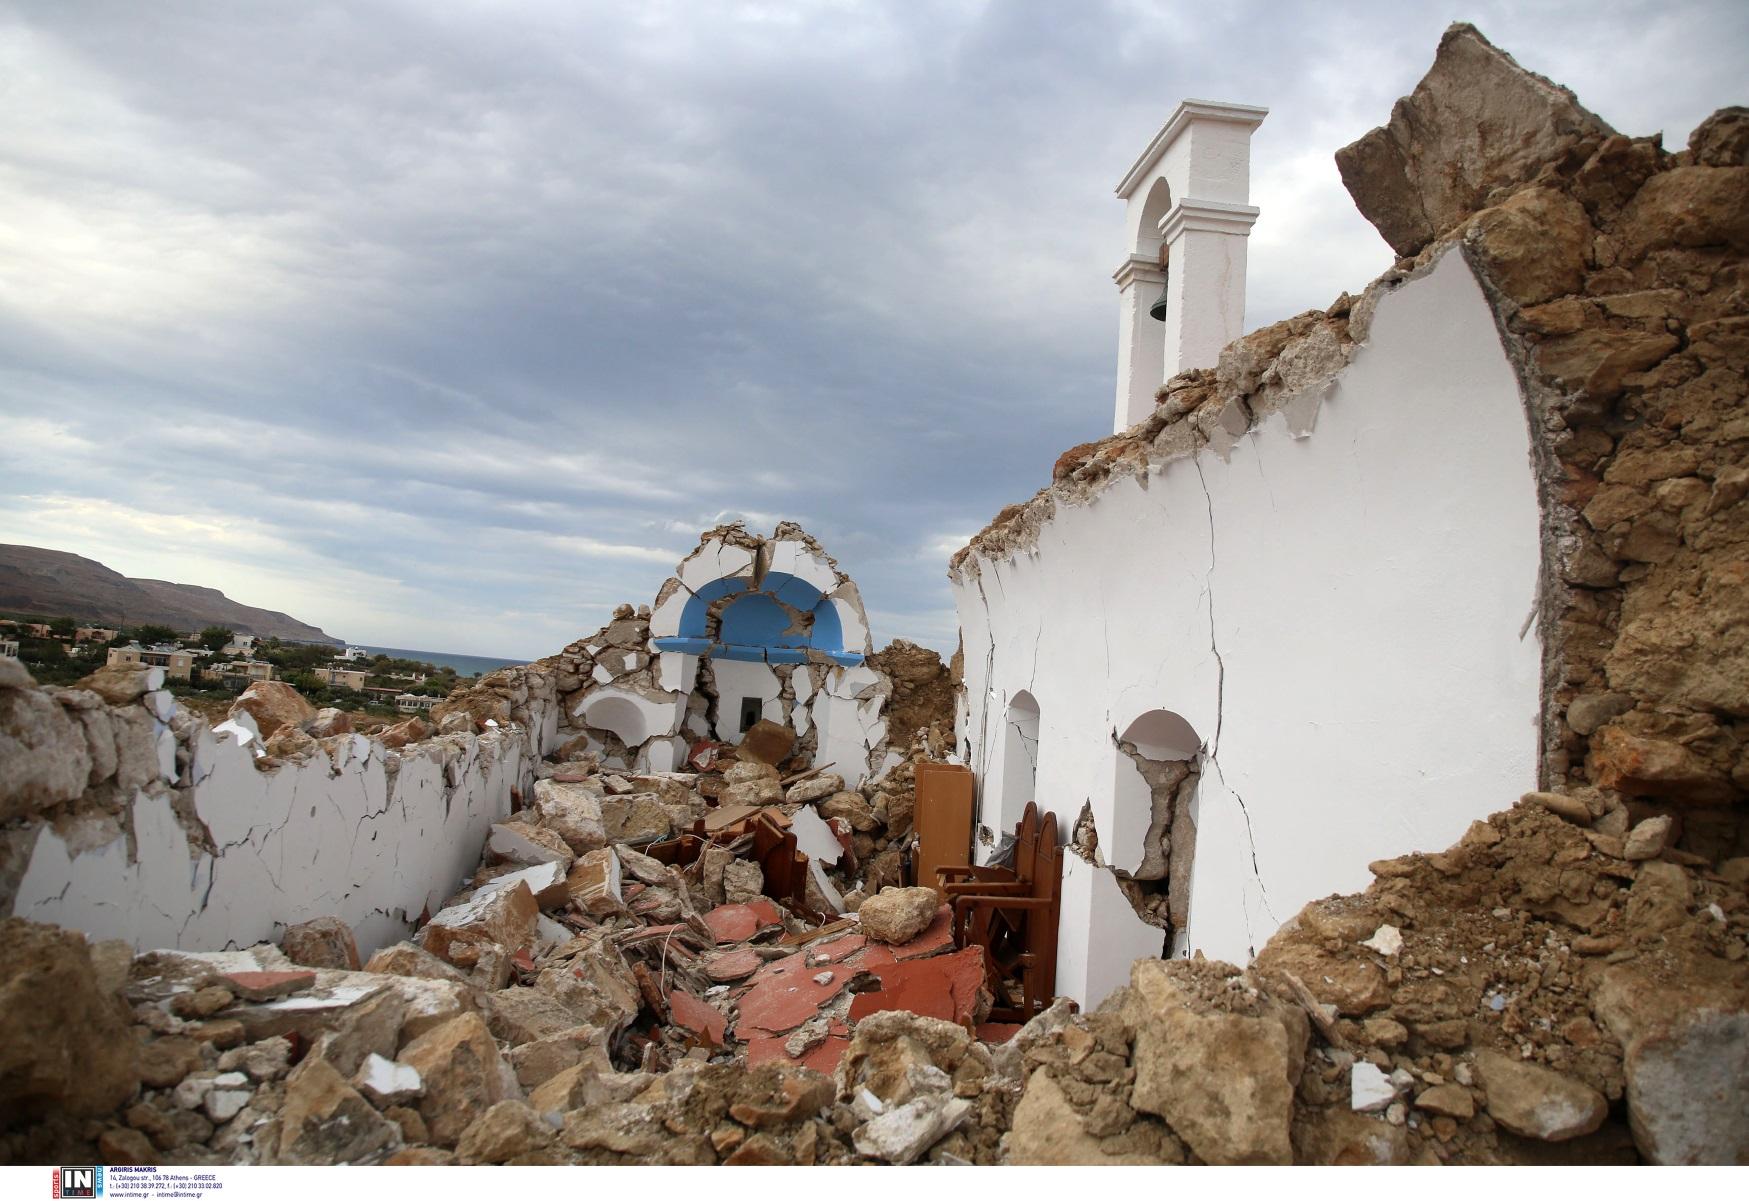 Σεισμός στην Κρήτη: Ο Γιάννης Πλακιωτάκης παρεμβαίνει για να στηθεί άμεσα η γκρεμισμένη εκκλησία